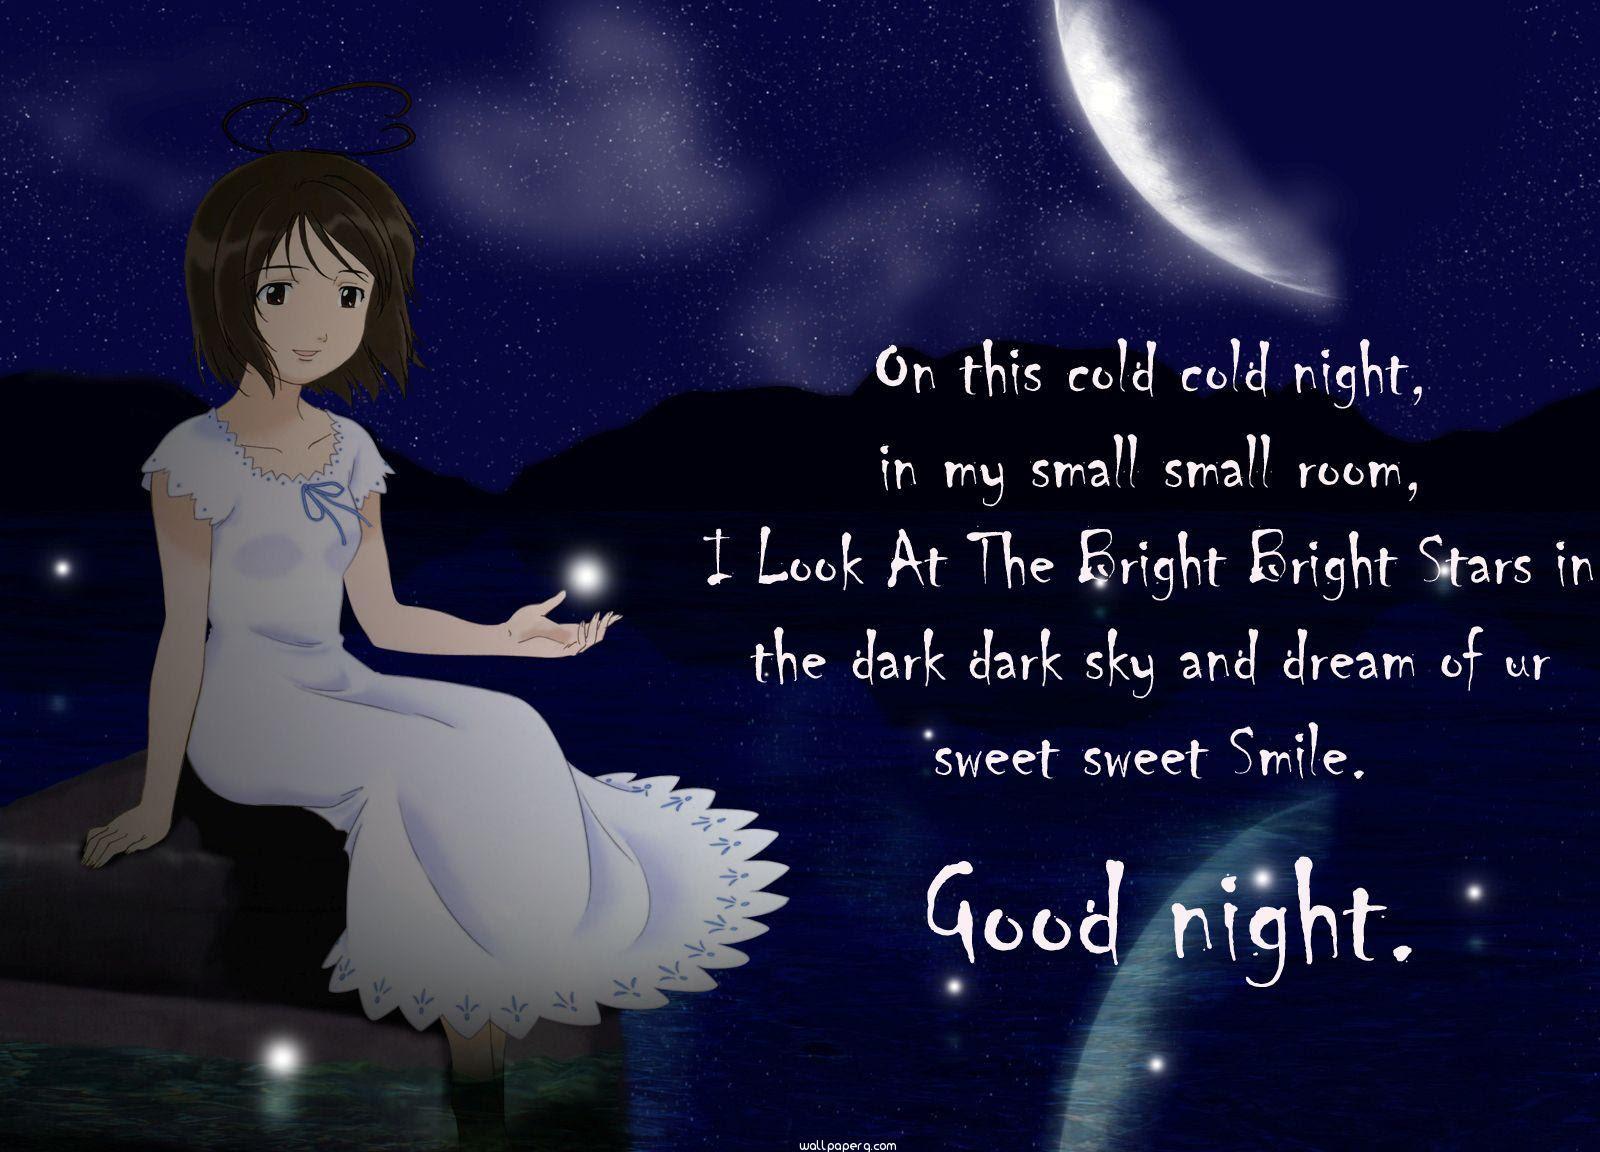 Good Night Wallpaper Free Wishing Wallpapers Mobile Version